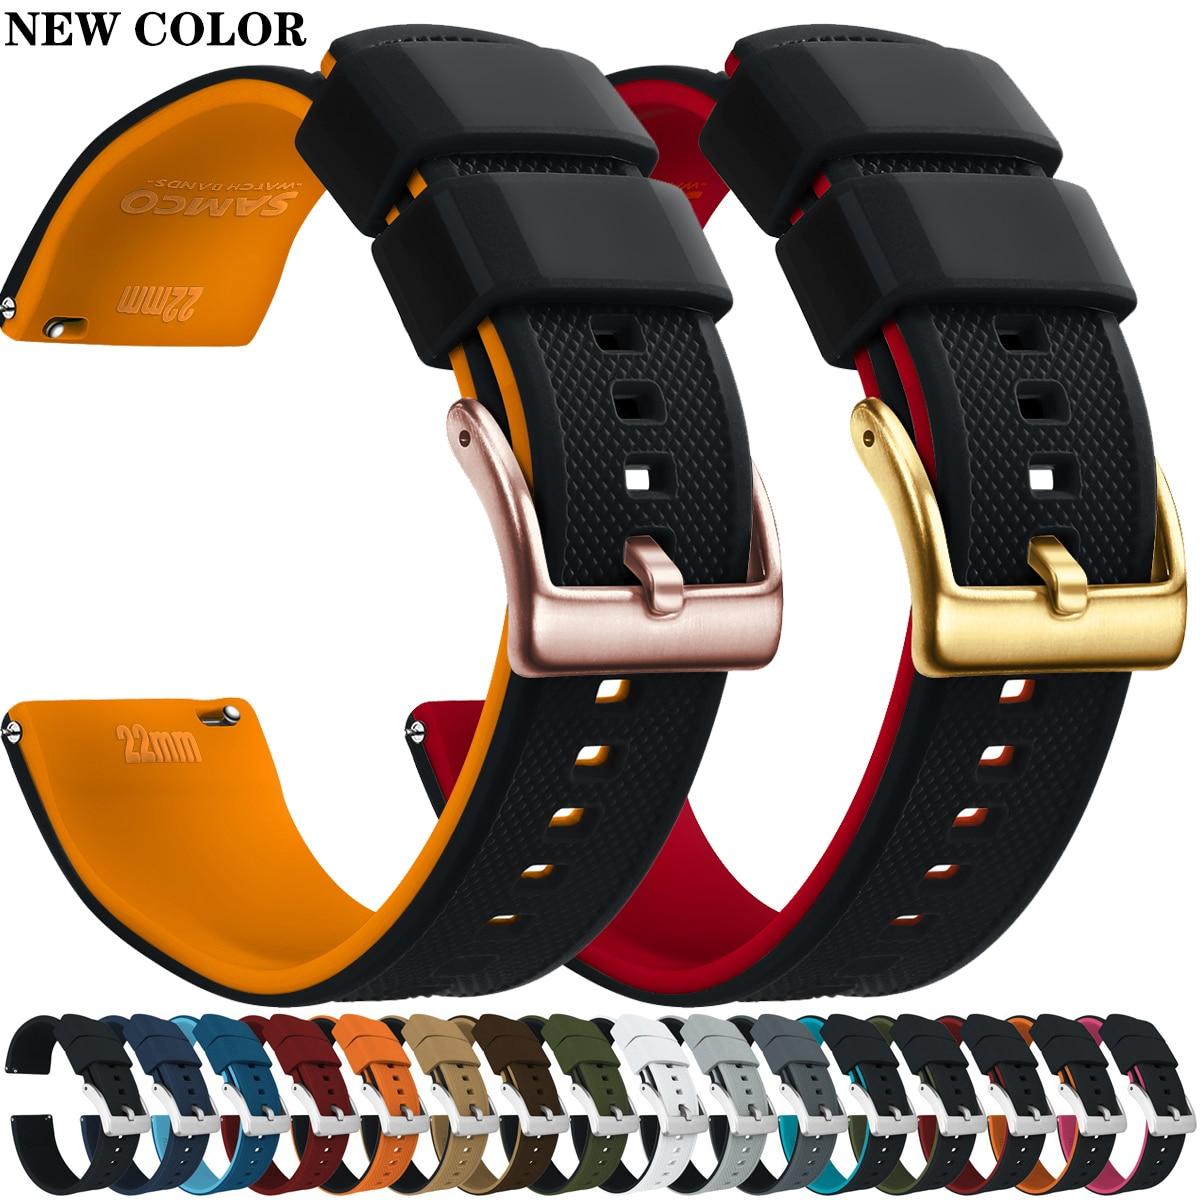 samco-silicone-pulseira-de-relogio-20mm-22mm-liberacao-rapida-borracha-pulseira-de-relogio-para-masculino-feminino-relogio-de-substituicao-pulseira